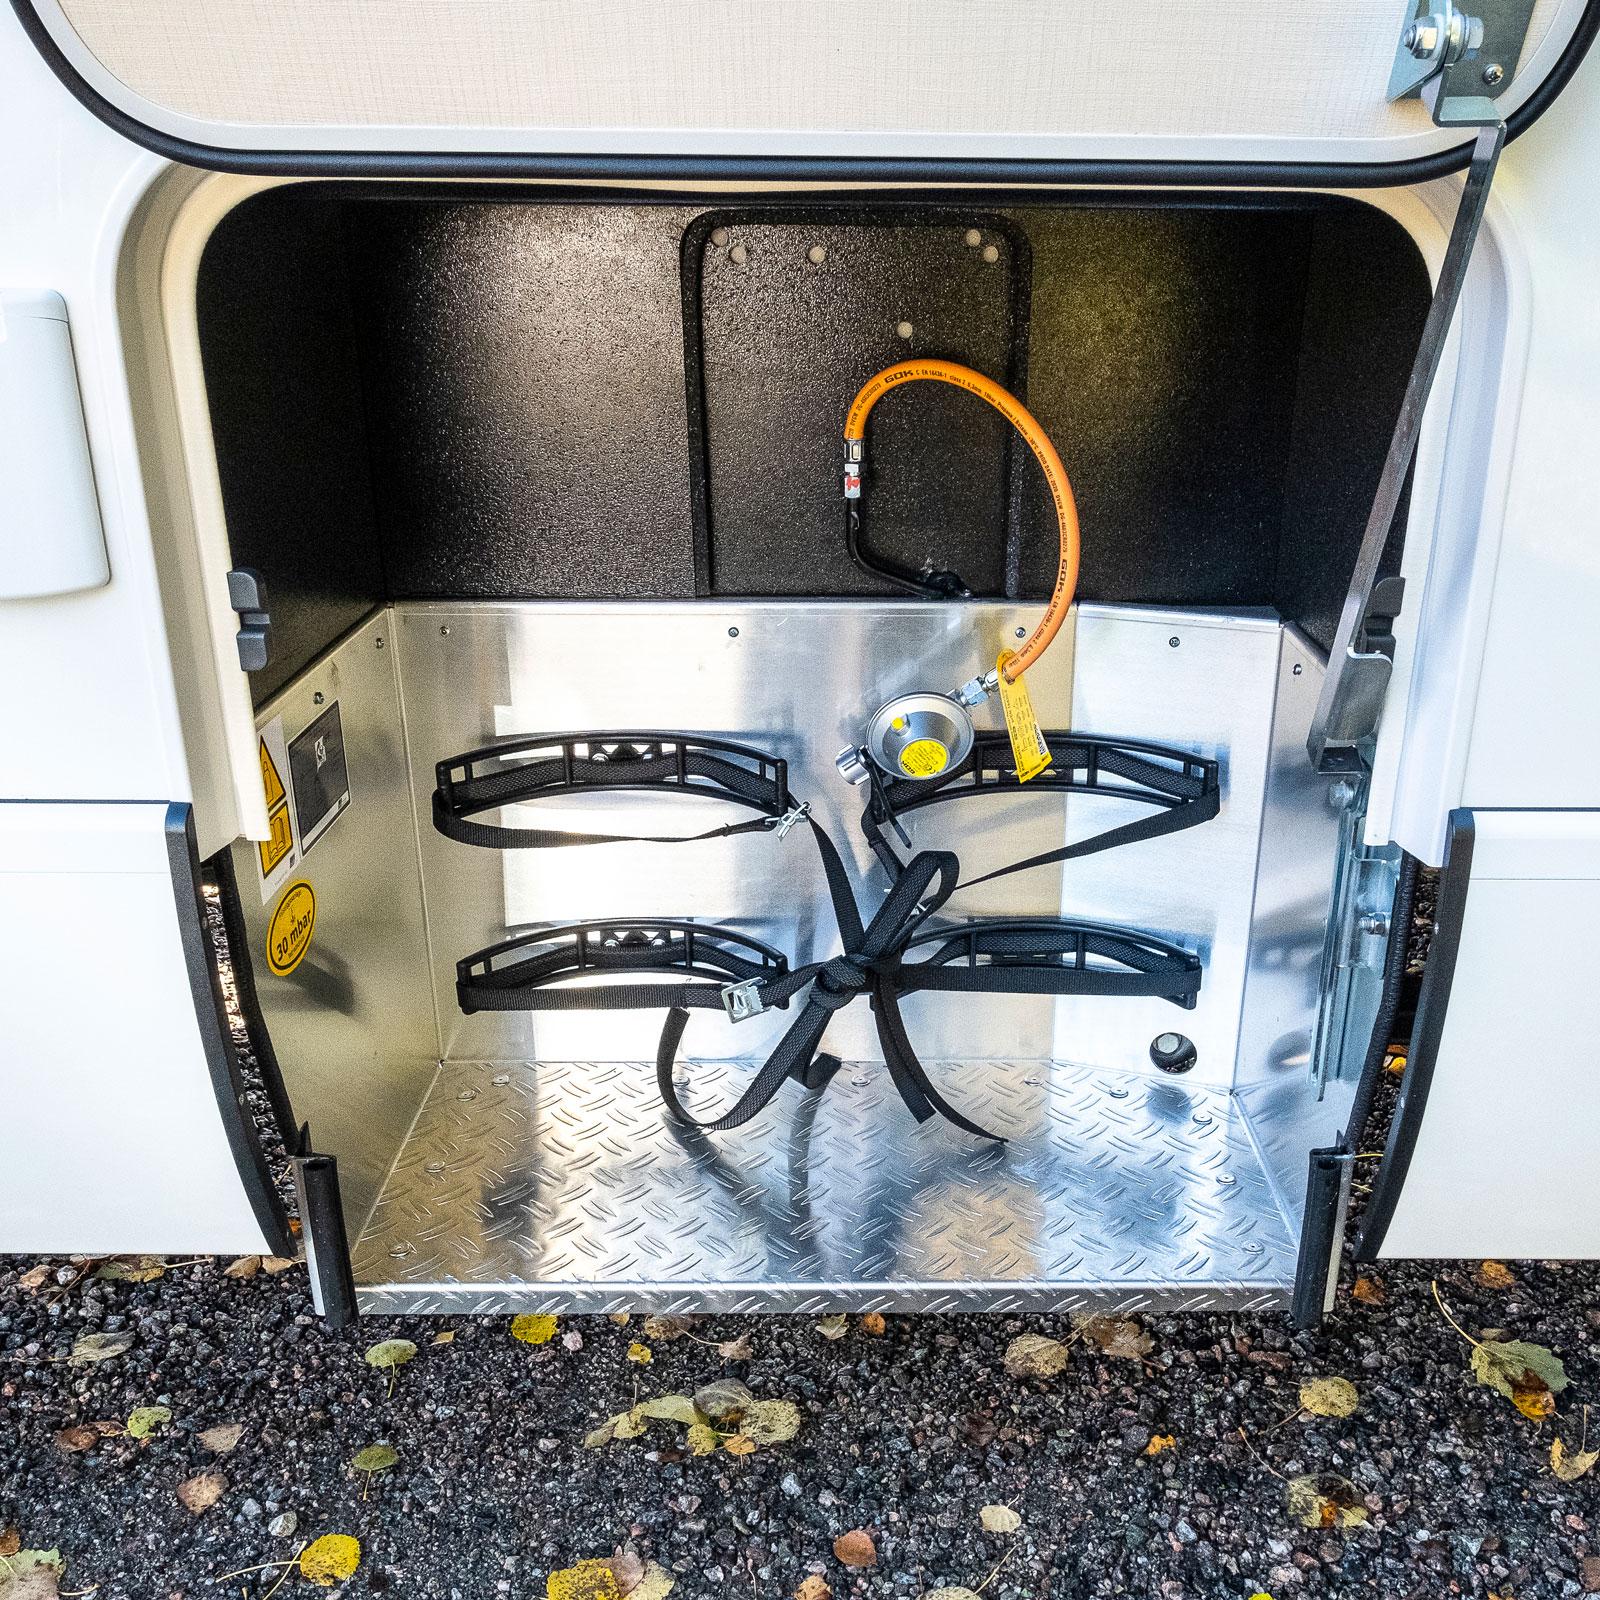 Föredömligt utformat och lättarbetat gasolfack.